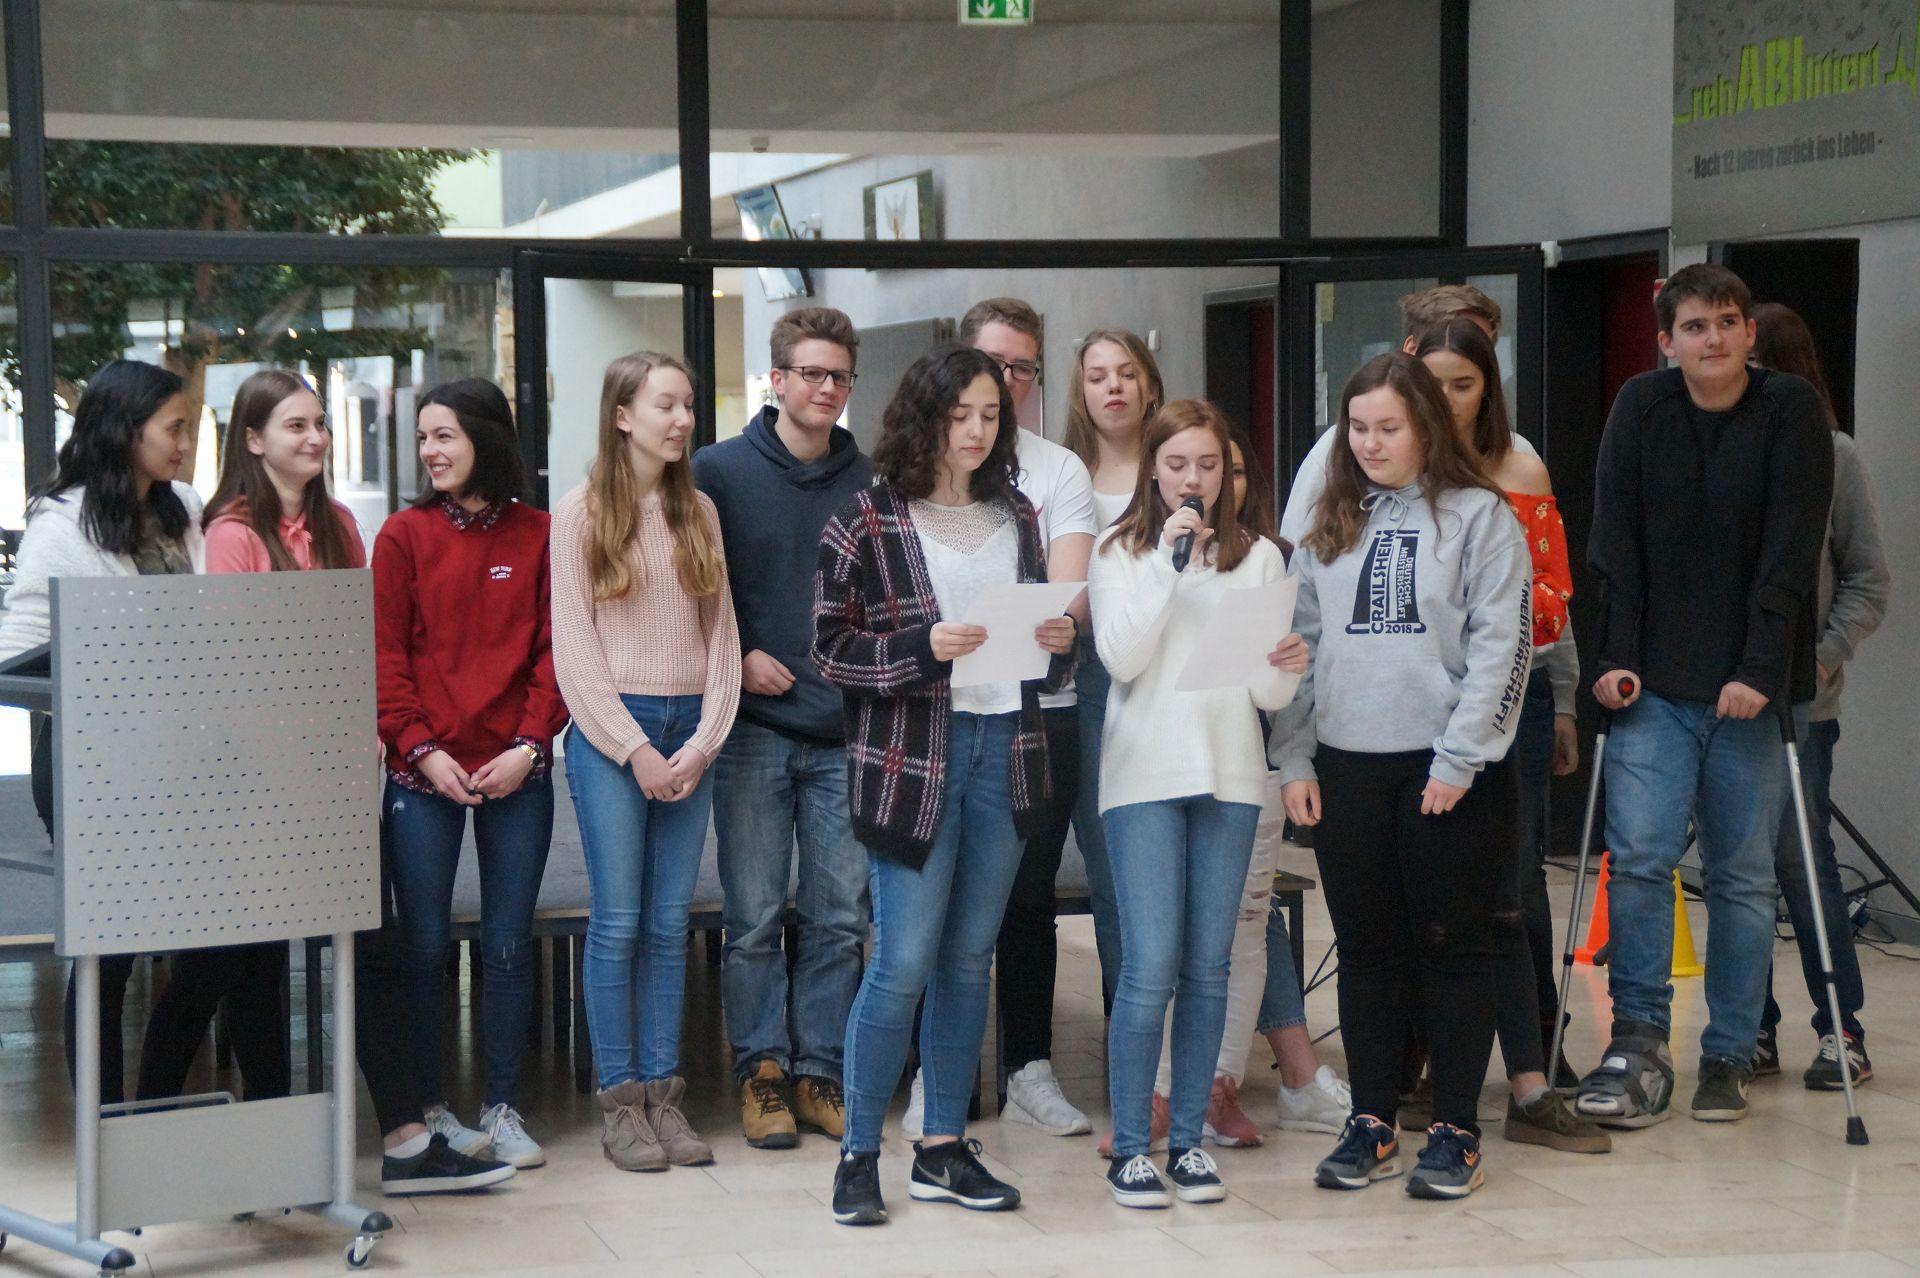 Großzügig Beispiele Von Studenten Setzt Gymnasium Fort Bilder ...